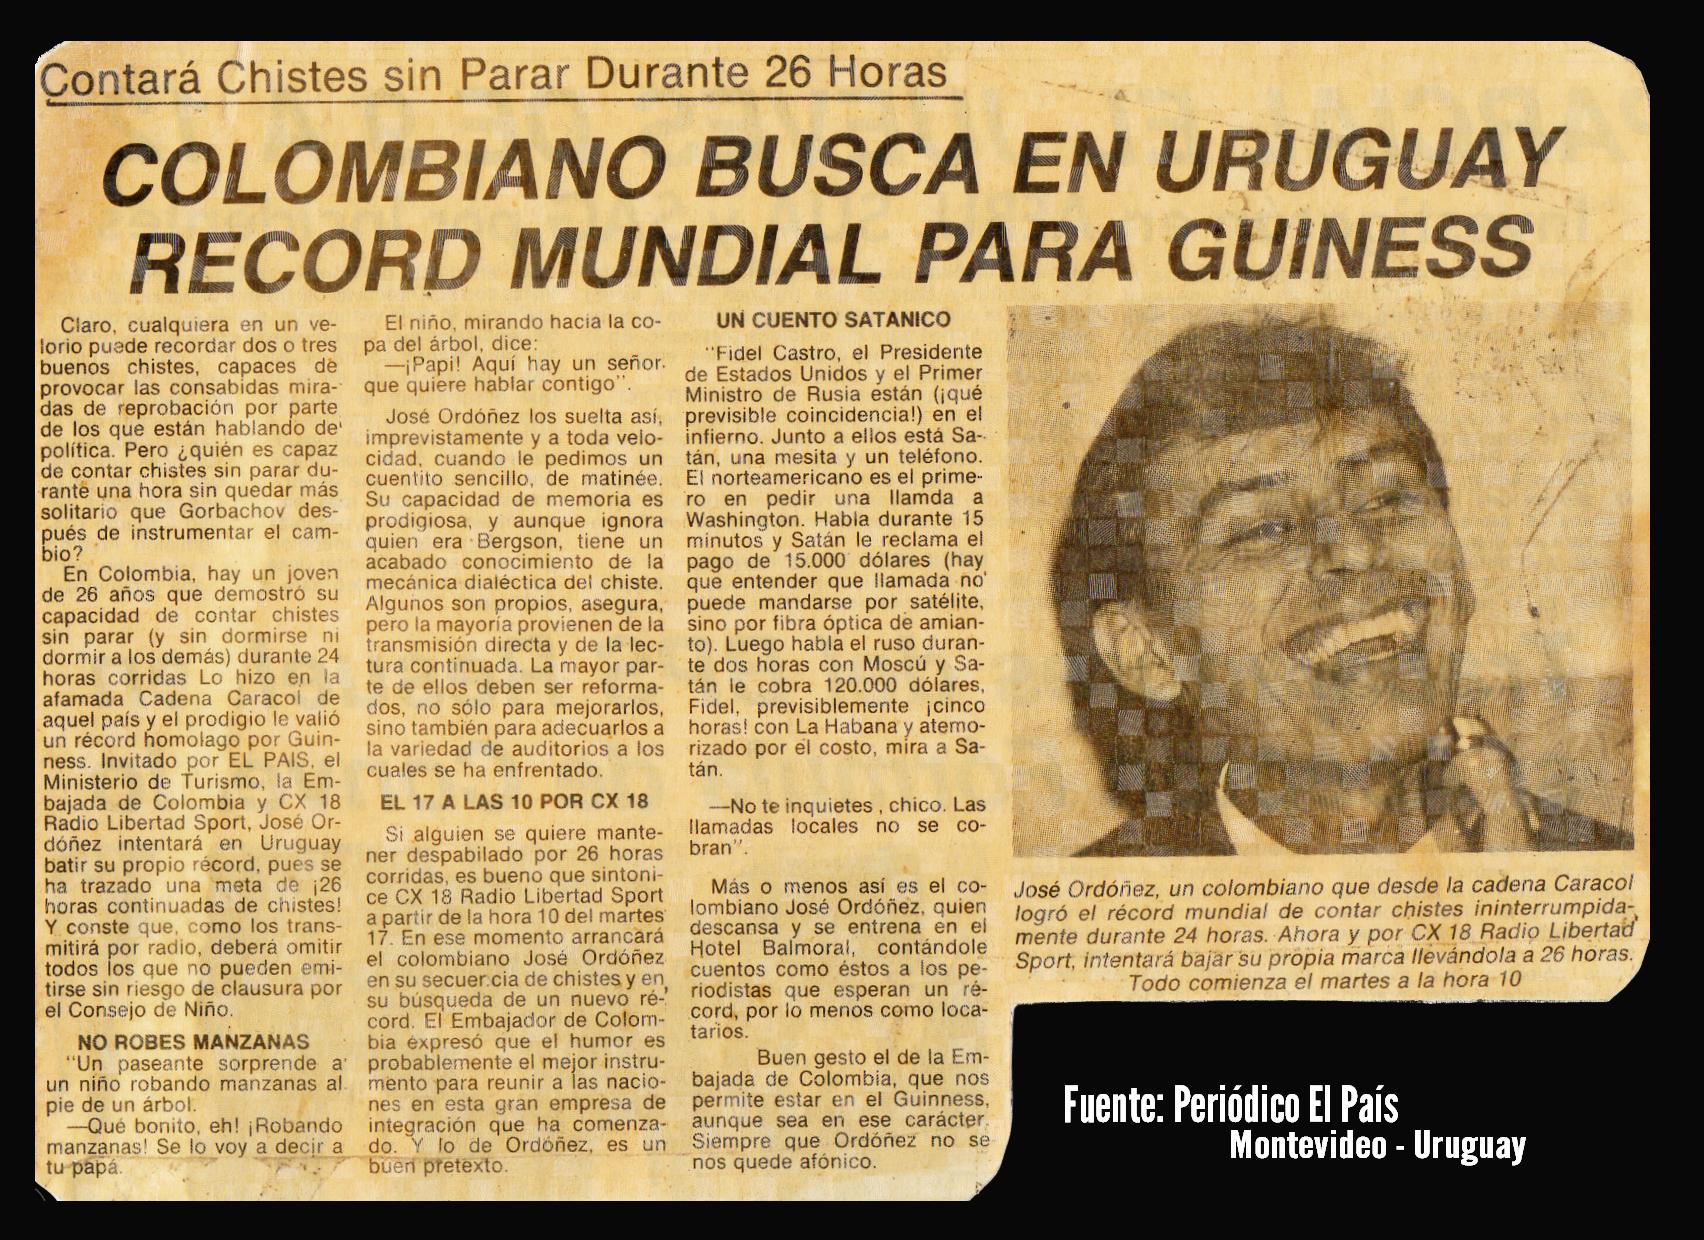 Periodico uruguay colombiano busca